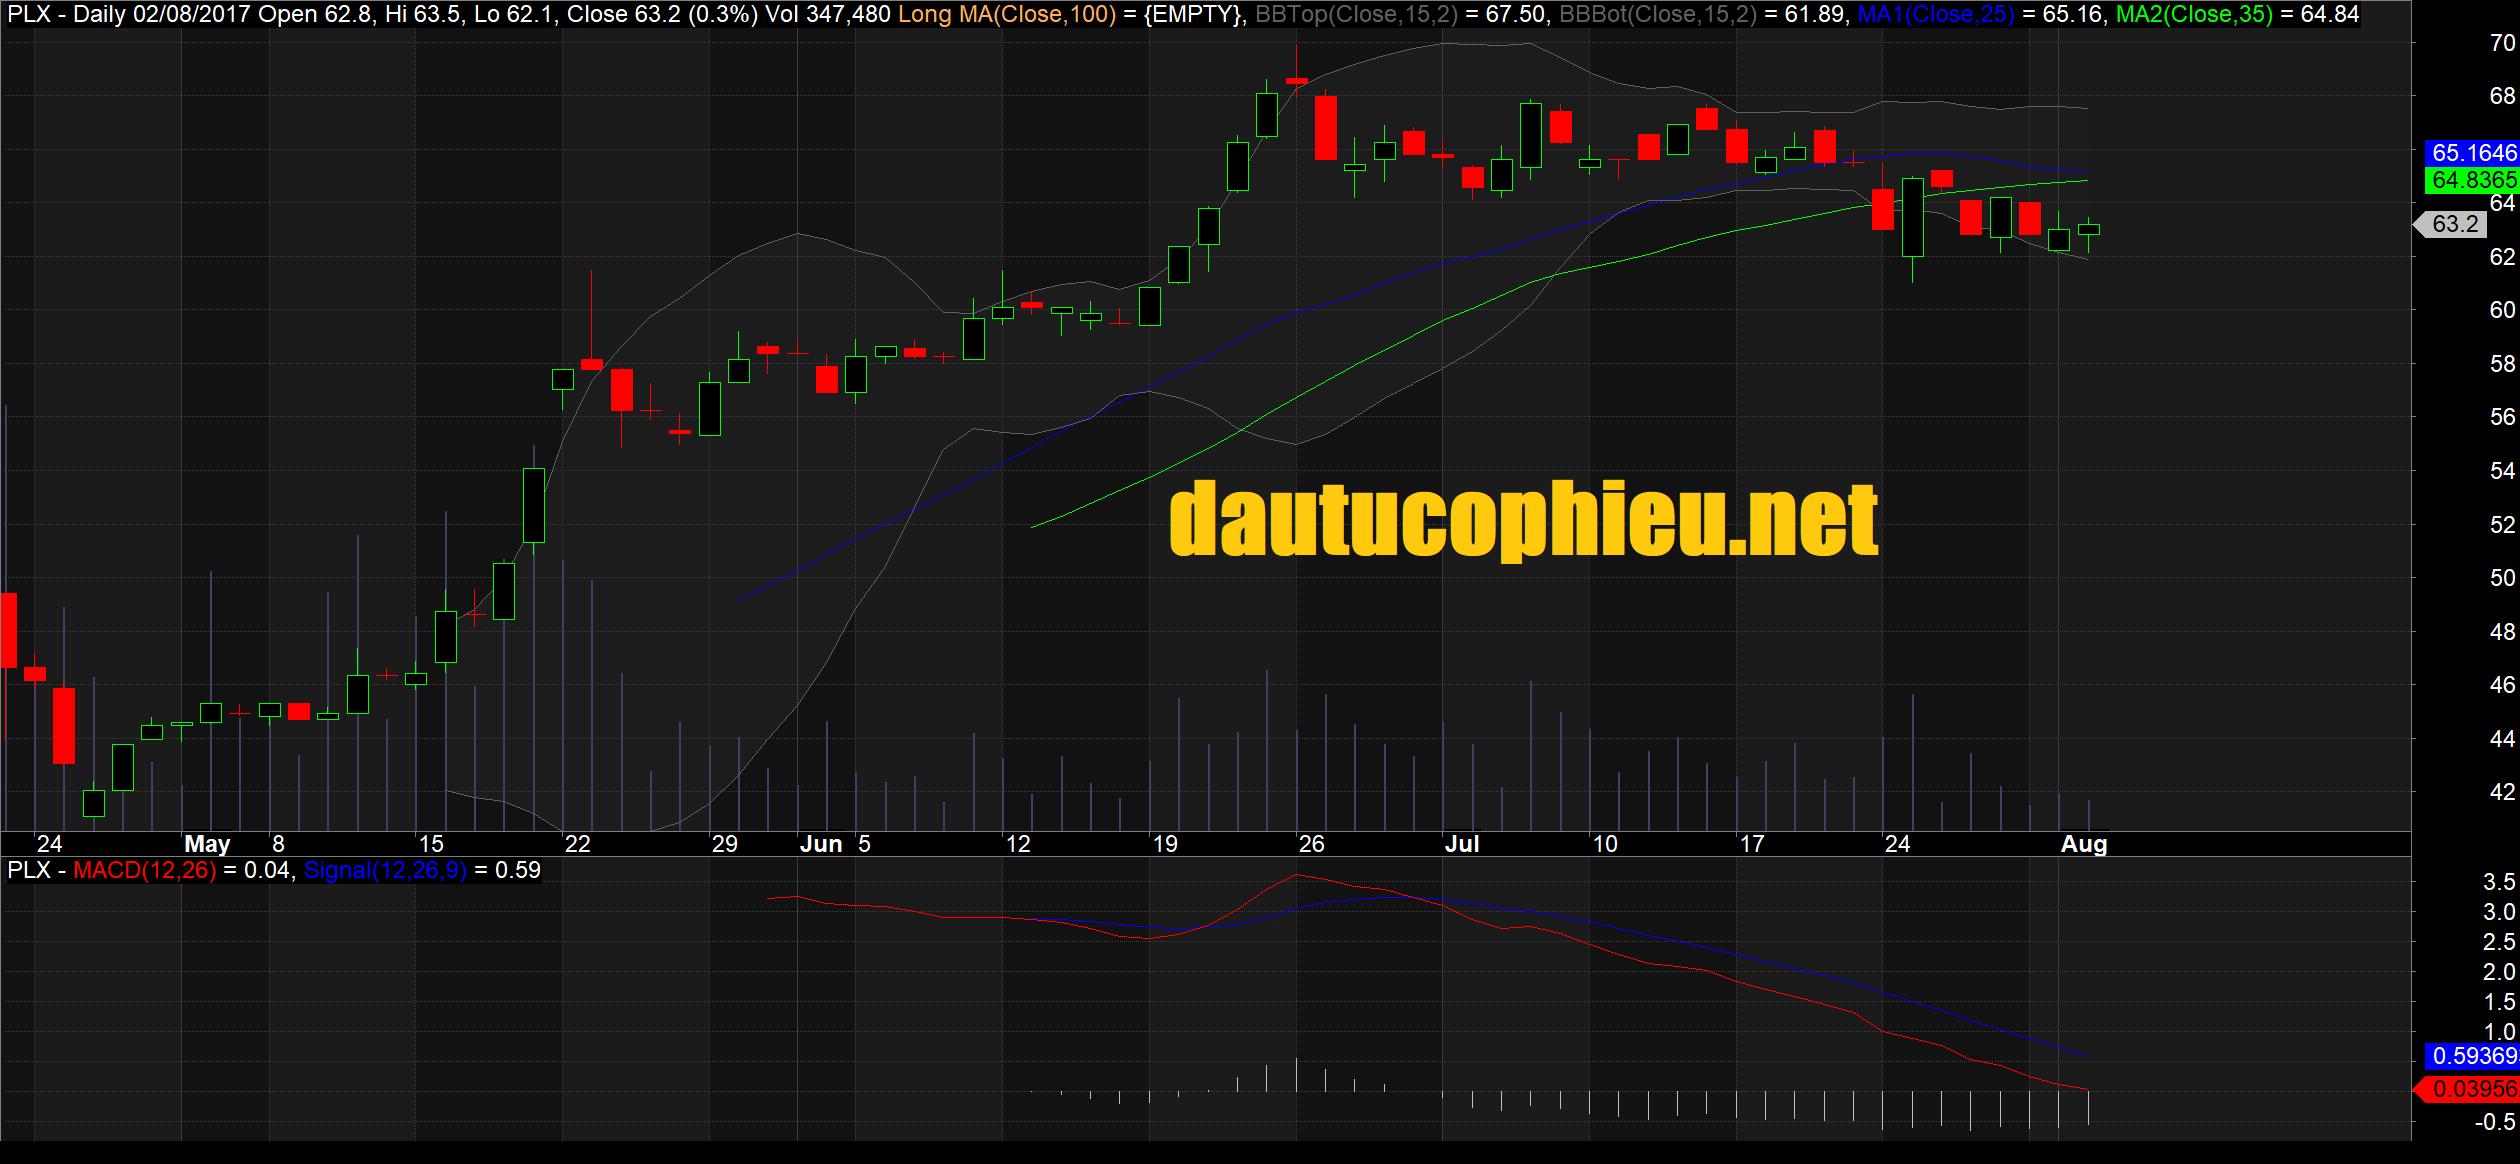 Cập nhật cổ phiếu PLX - KQKD 6 tháng đầu năm thấp hơn một chút so với kỳ vọng